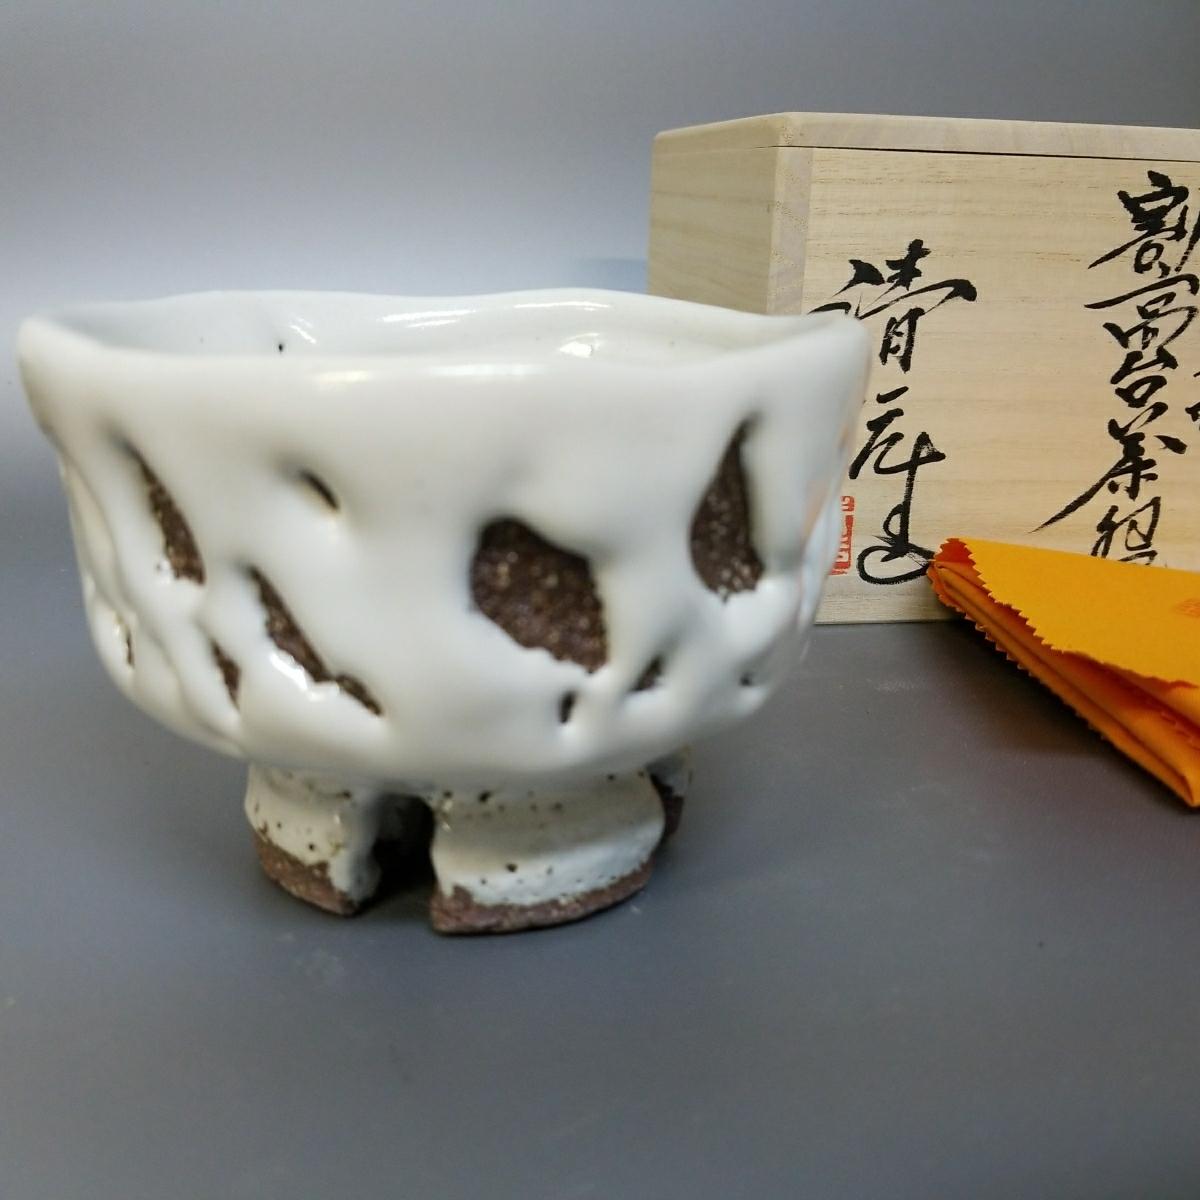 【清玩】萩焼 山根清玩 割高台鬼萩茶碗 茶道具 真作保証 /清28